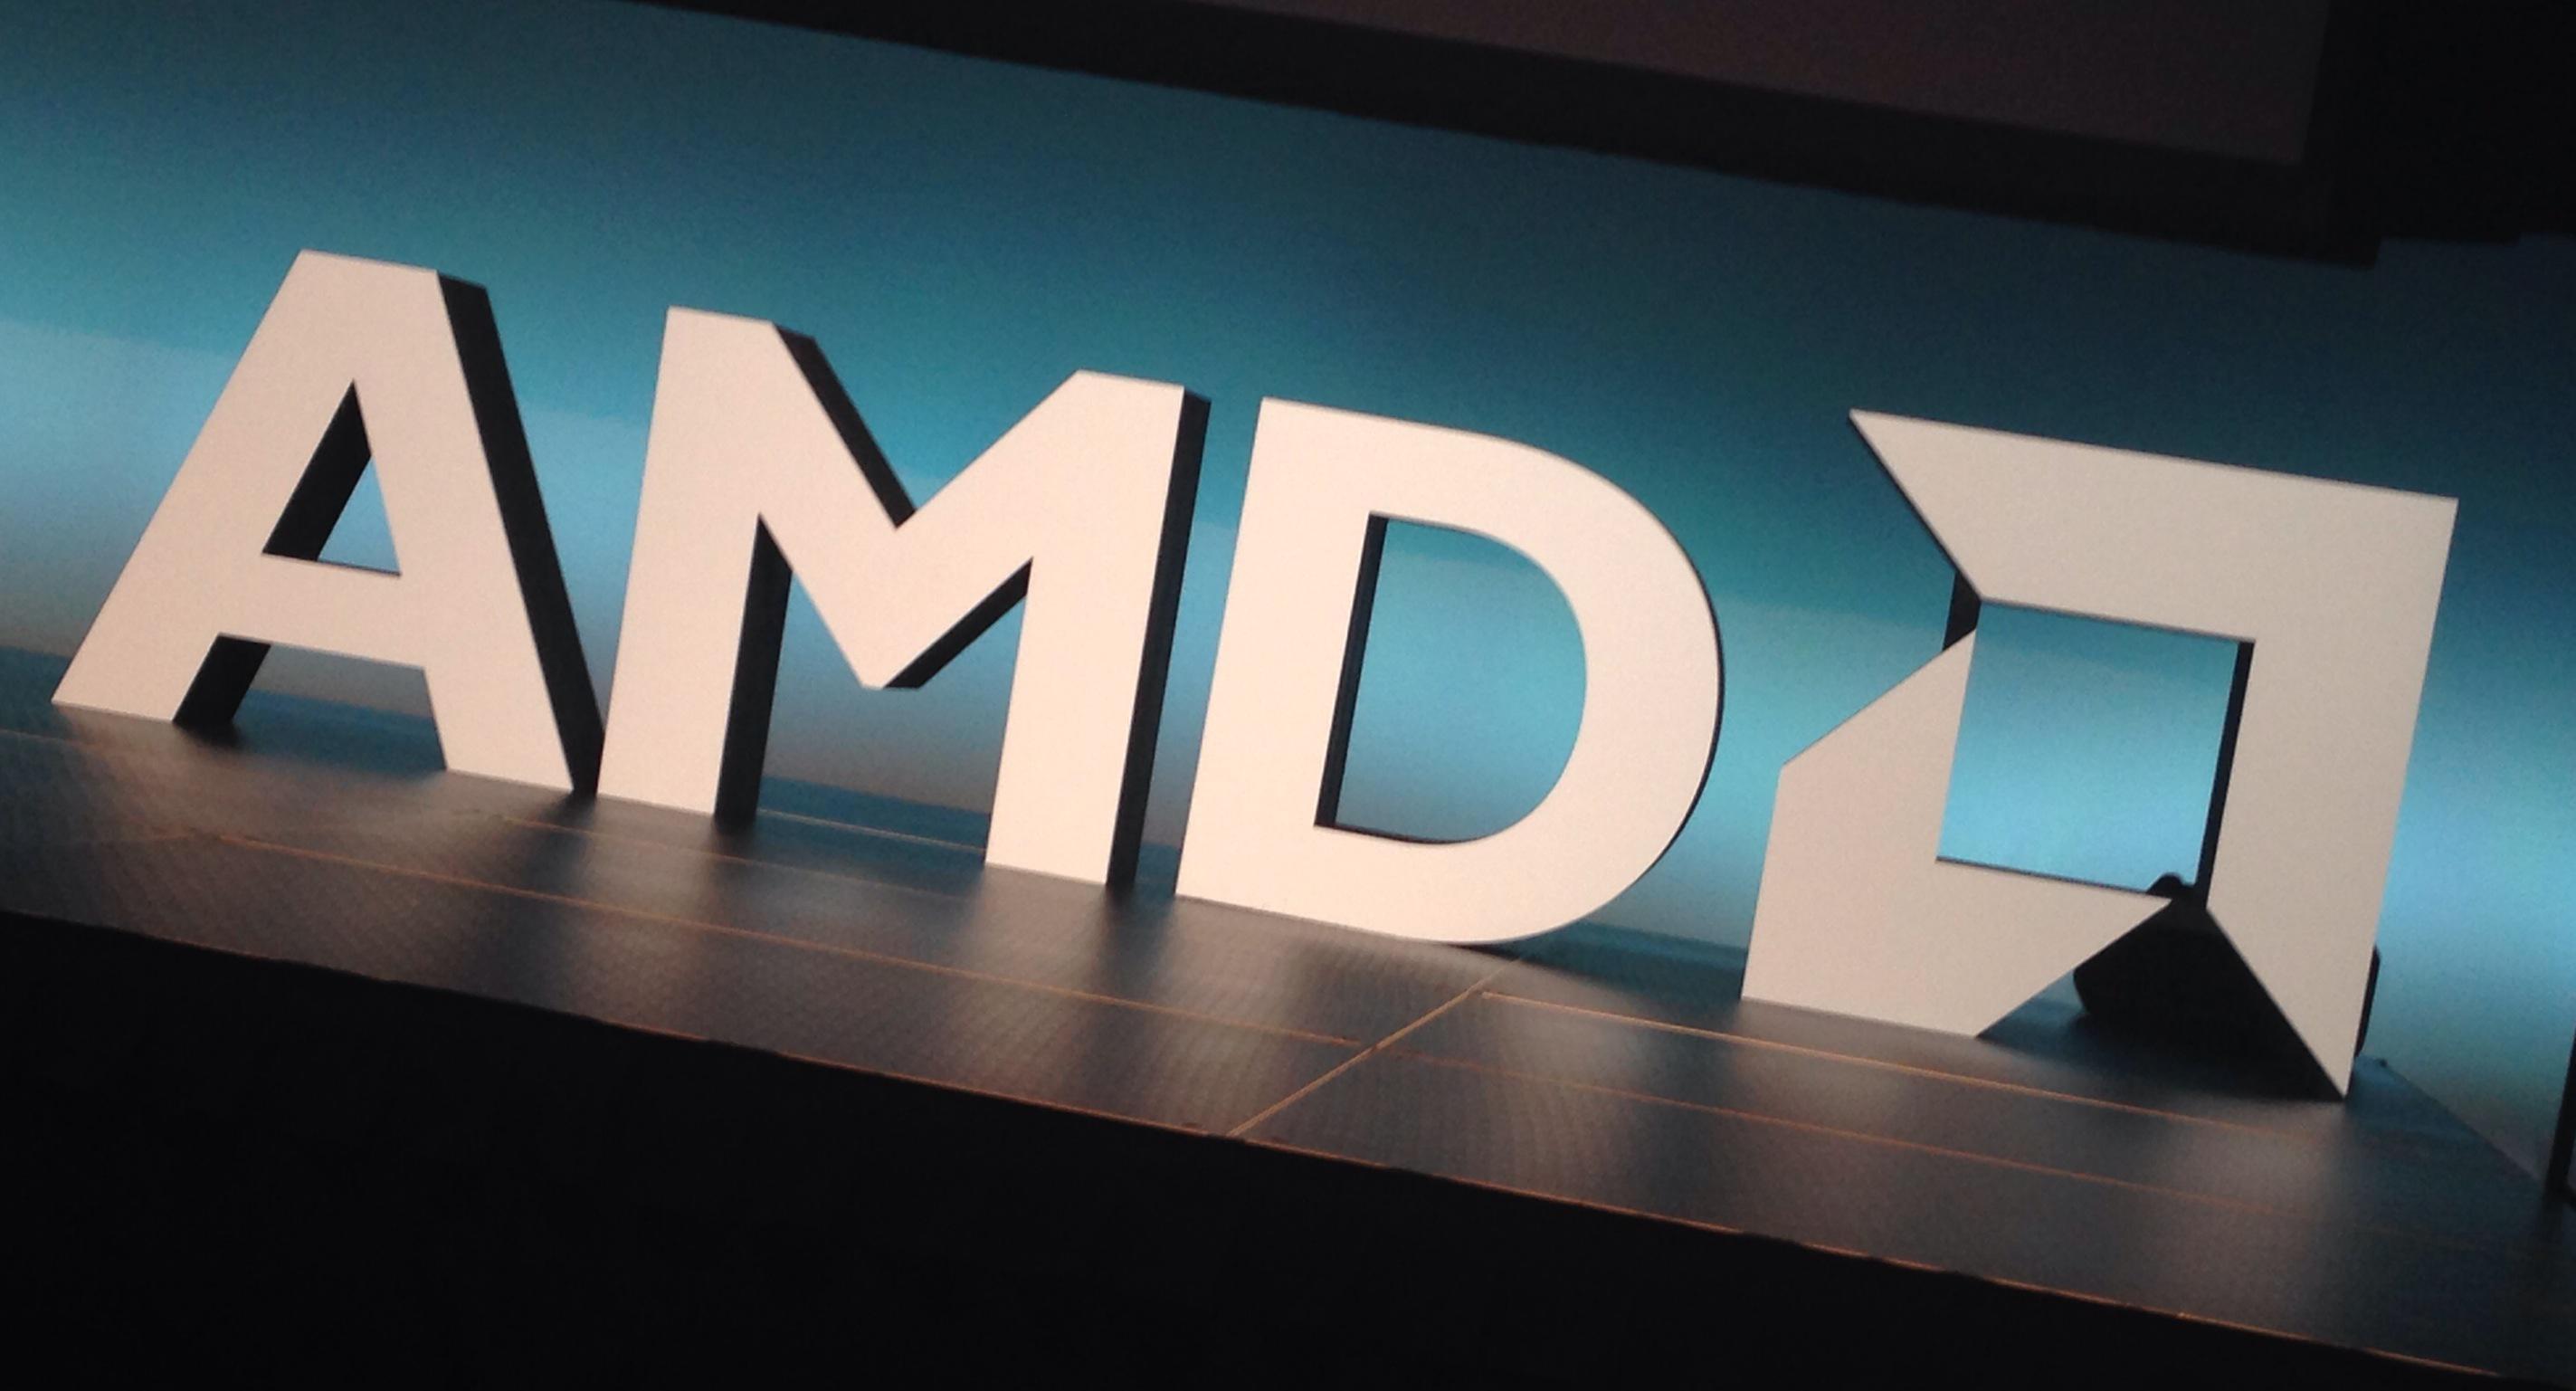 AMD季度业绩不及预期:股价下跌22%四年中最惨